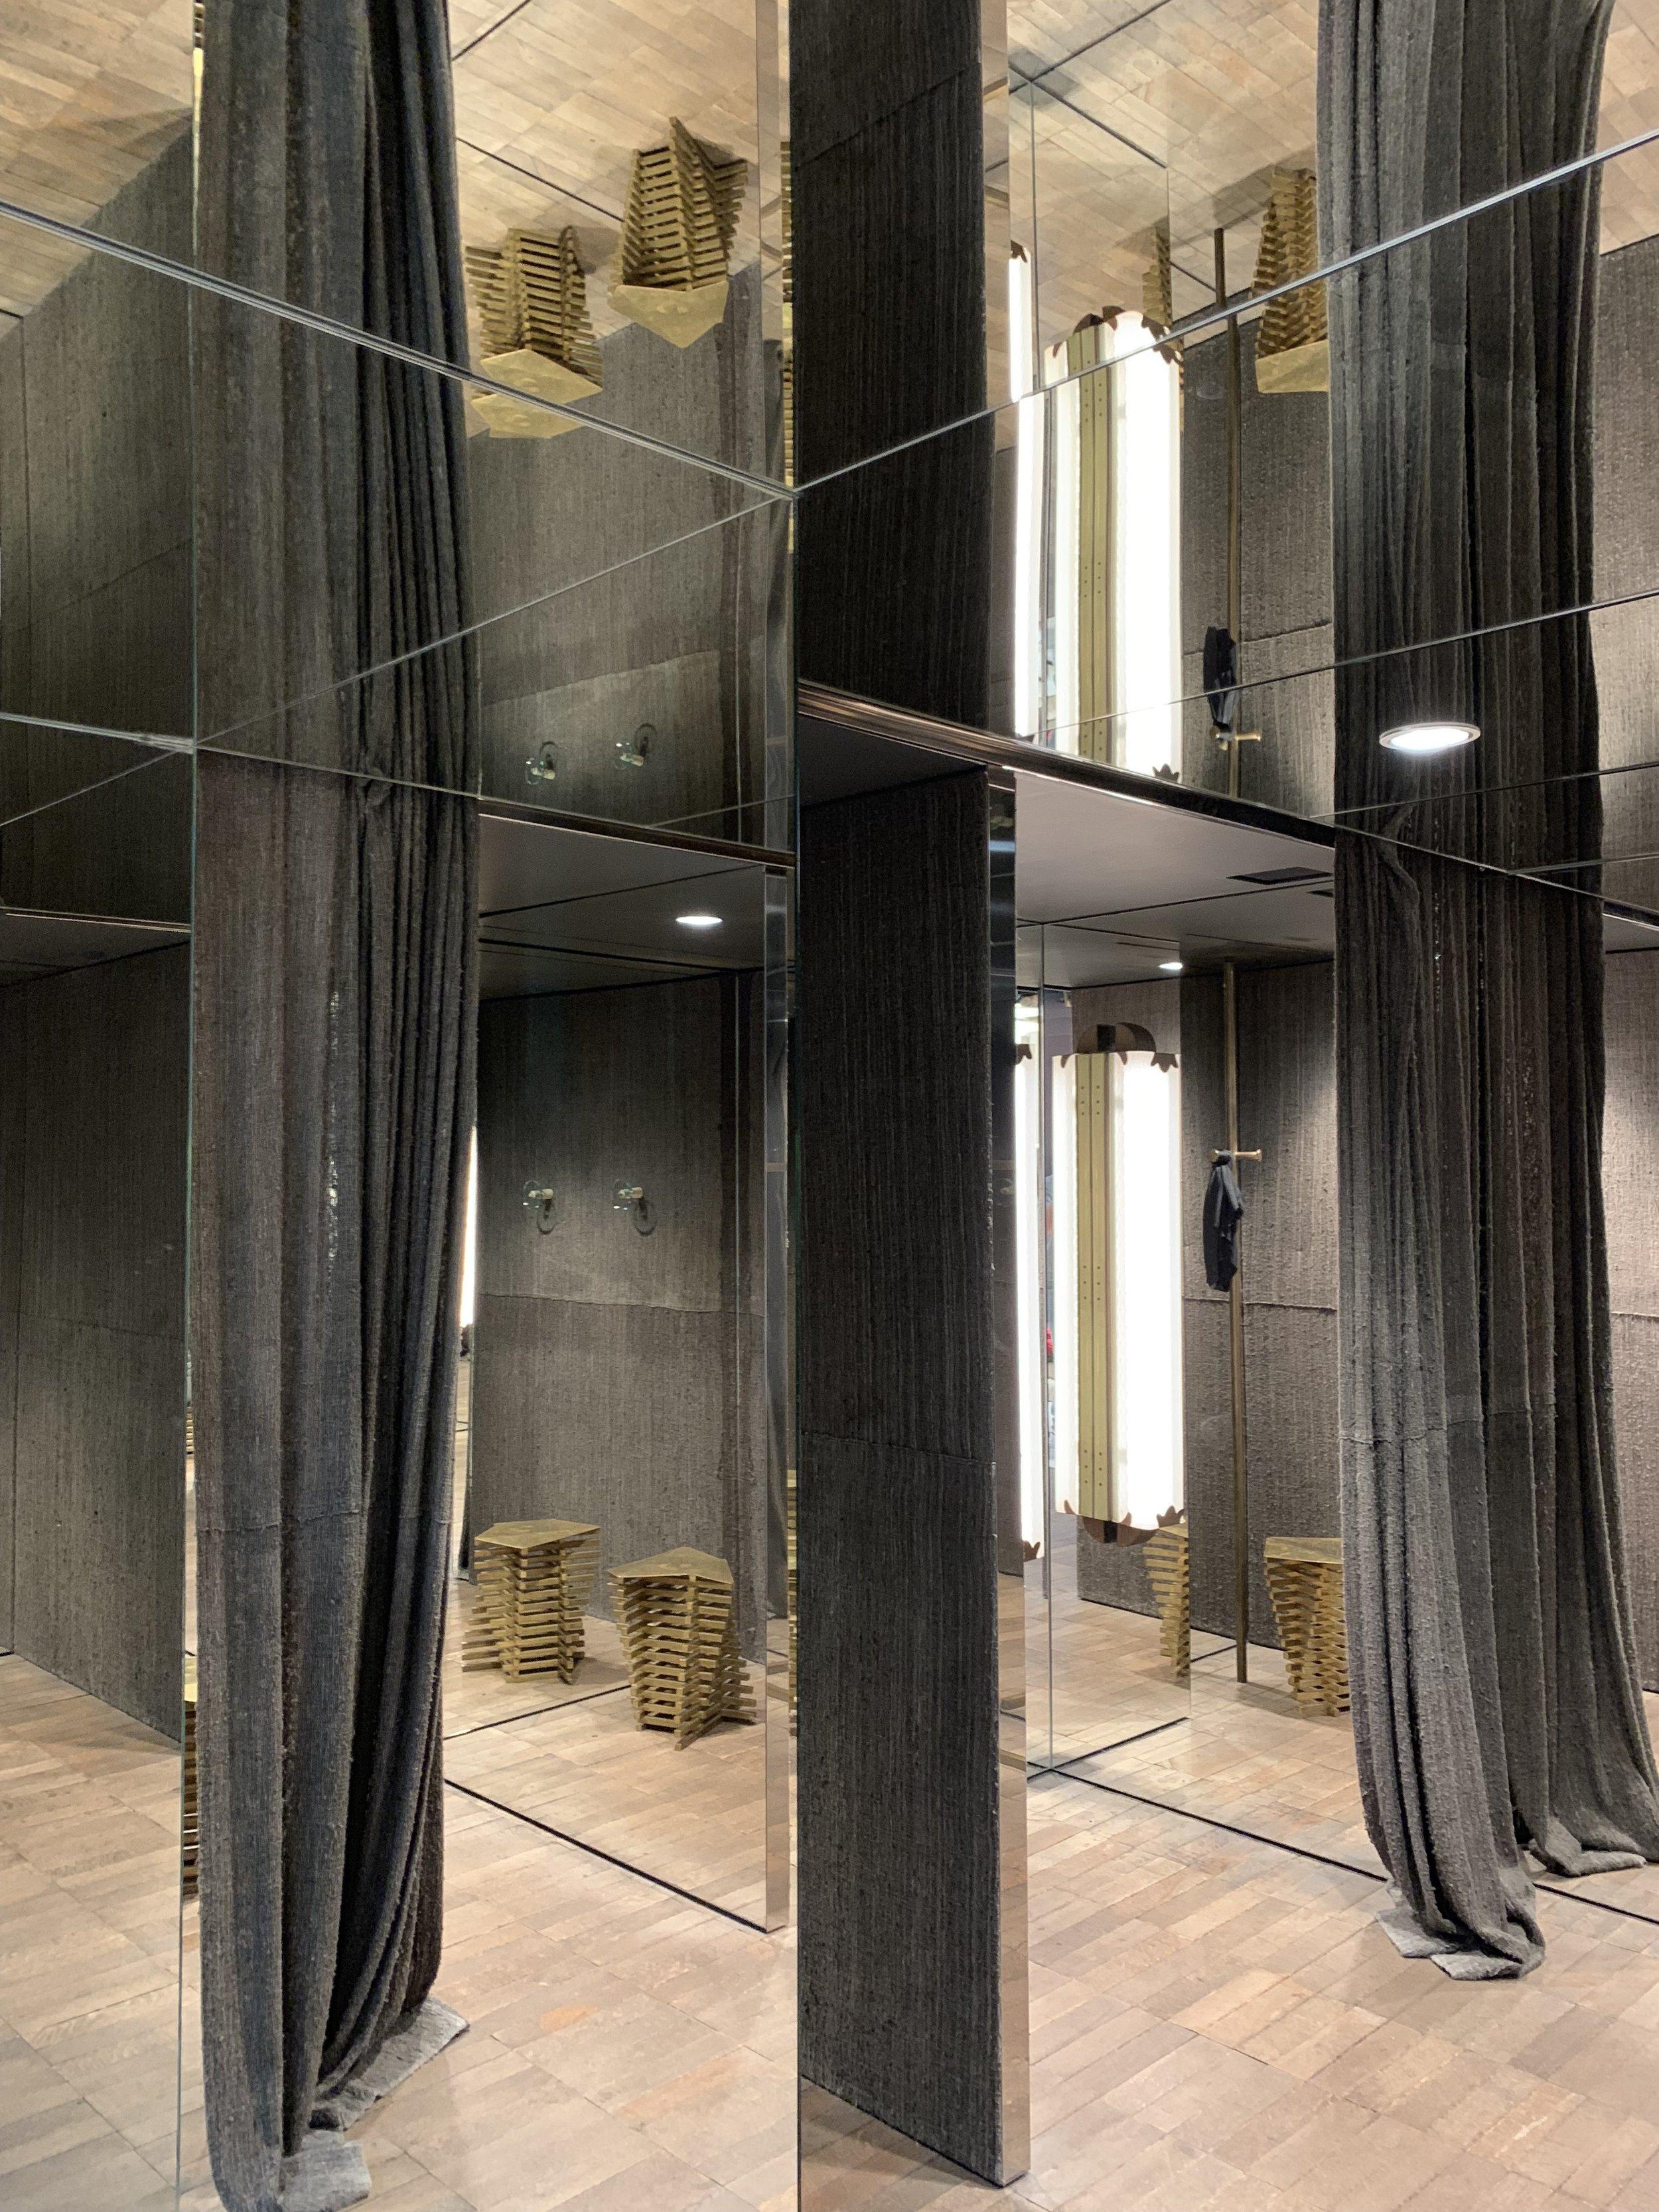 049 Salone del Mobile 2019 Lex de gooijer interiors rotterdam.JPG